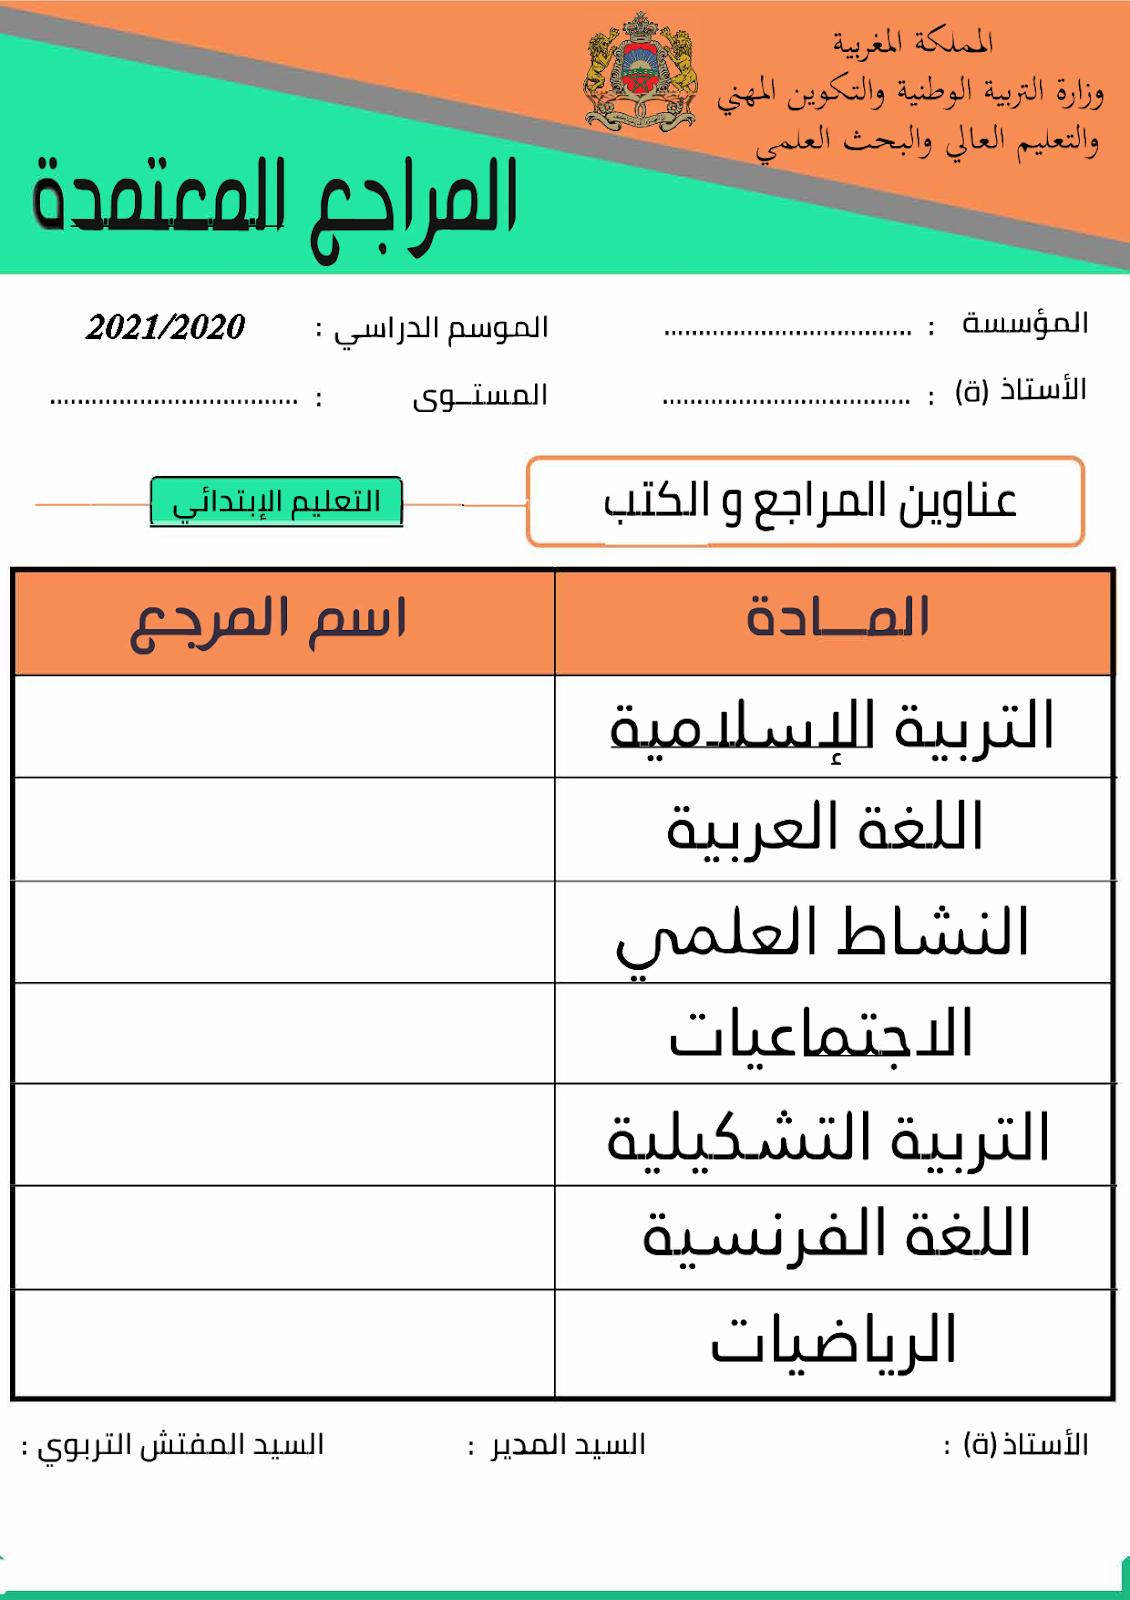 لائحة المراجع المعتمدة - الموسم الدراسي 2021/2020